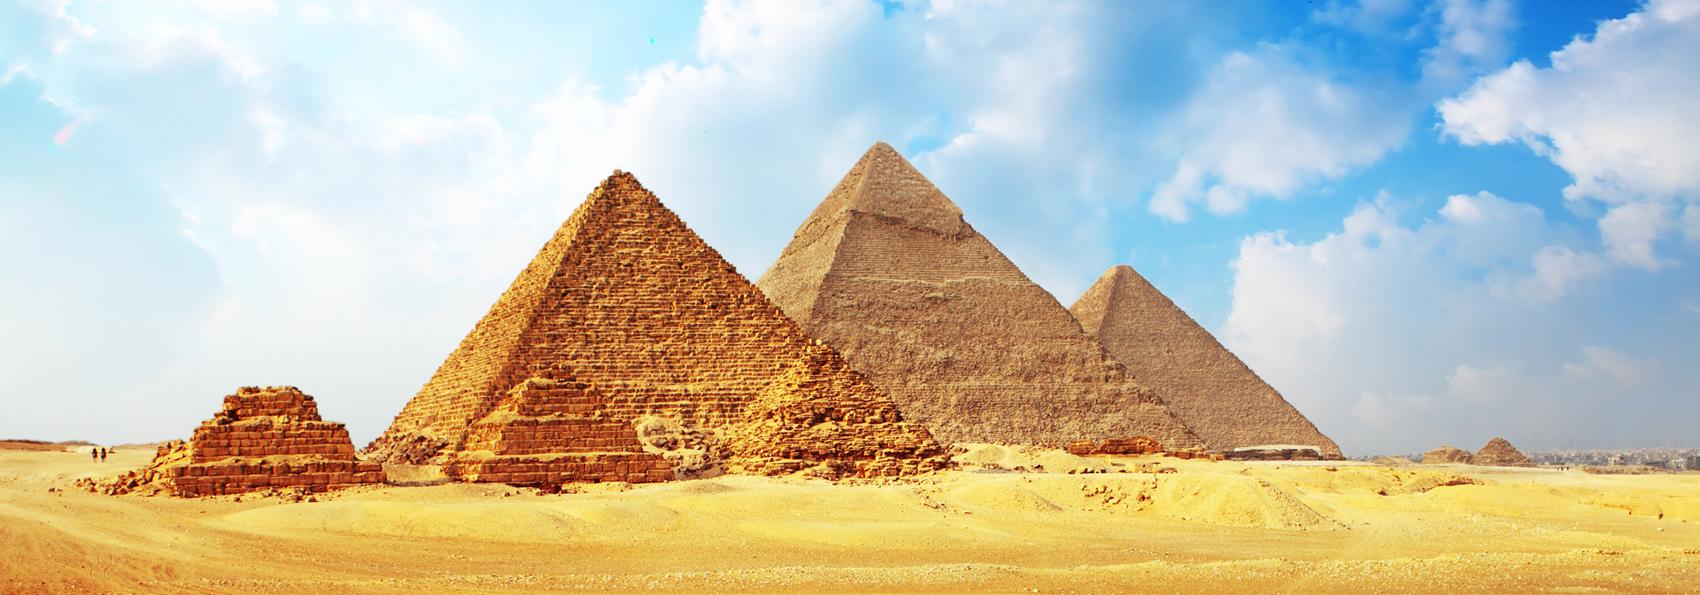 Billige Flüge nach Kairo